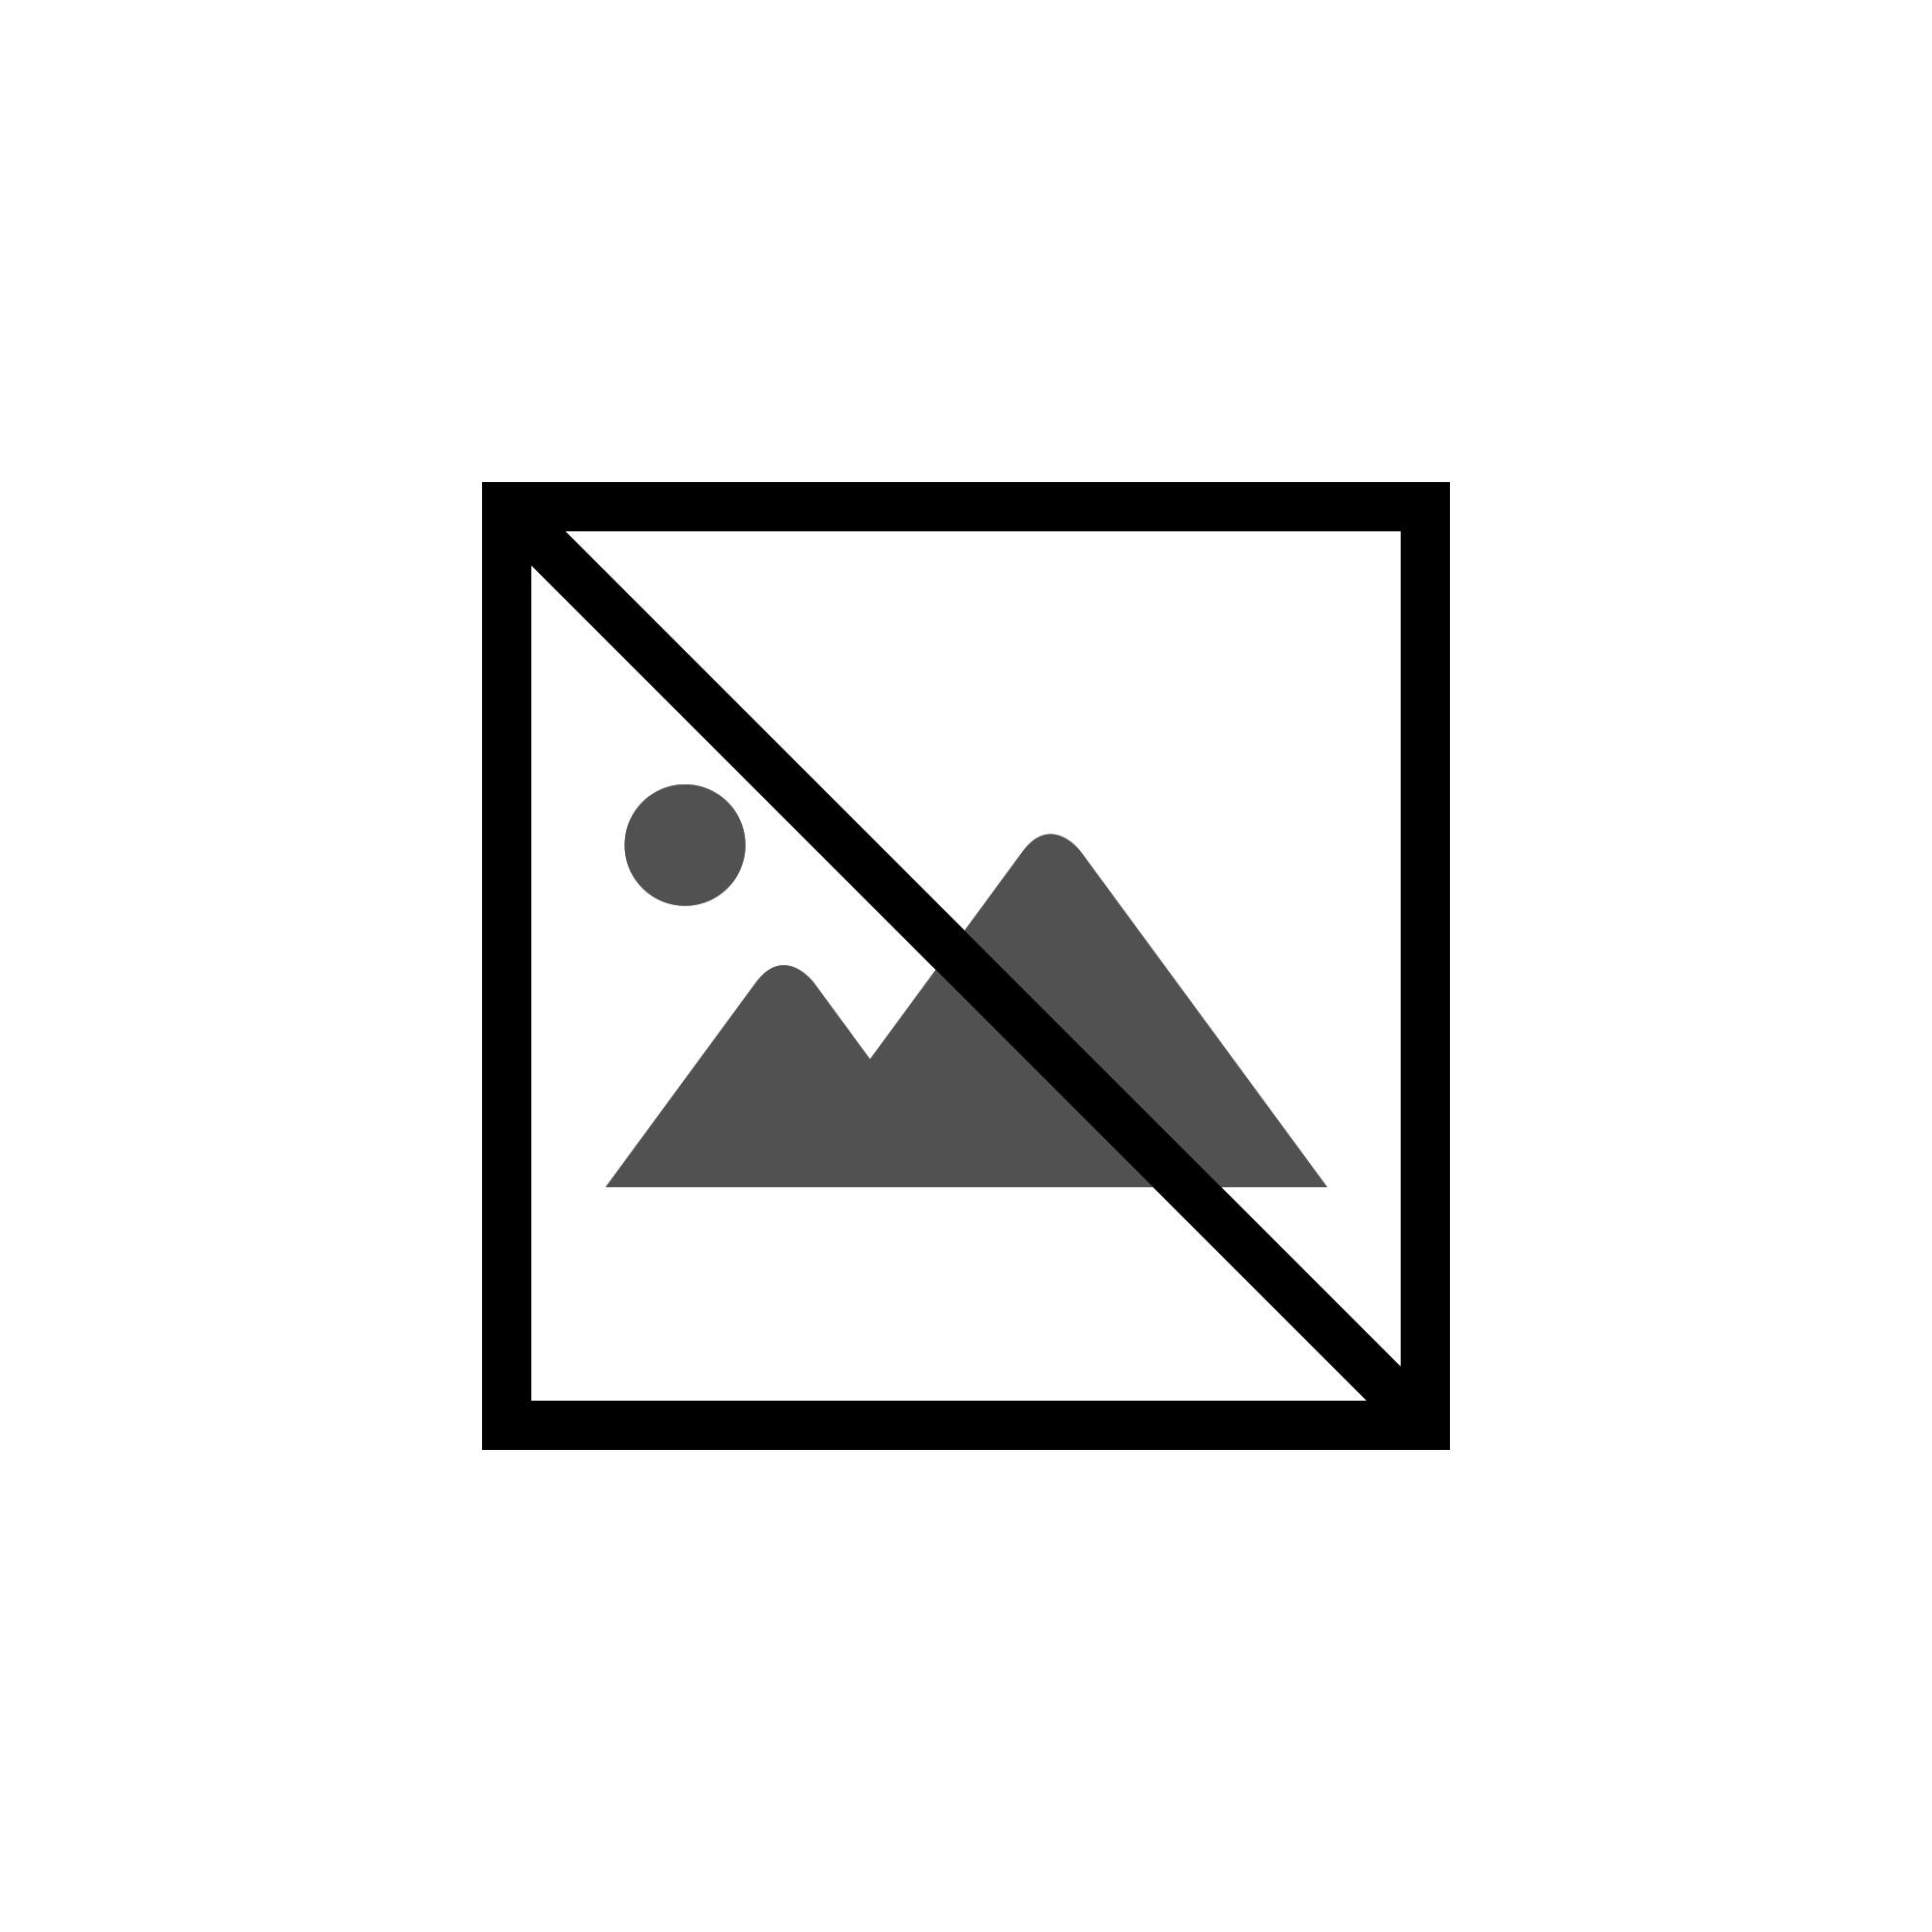 Apre_FutFCP-NAPmin20_080815